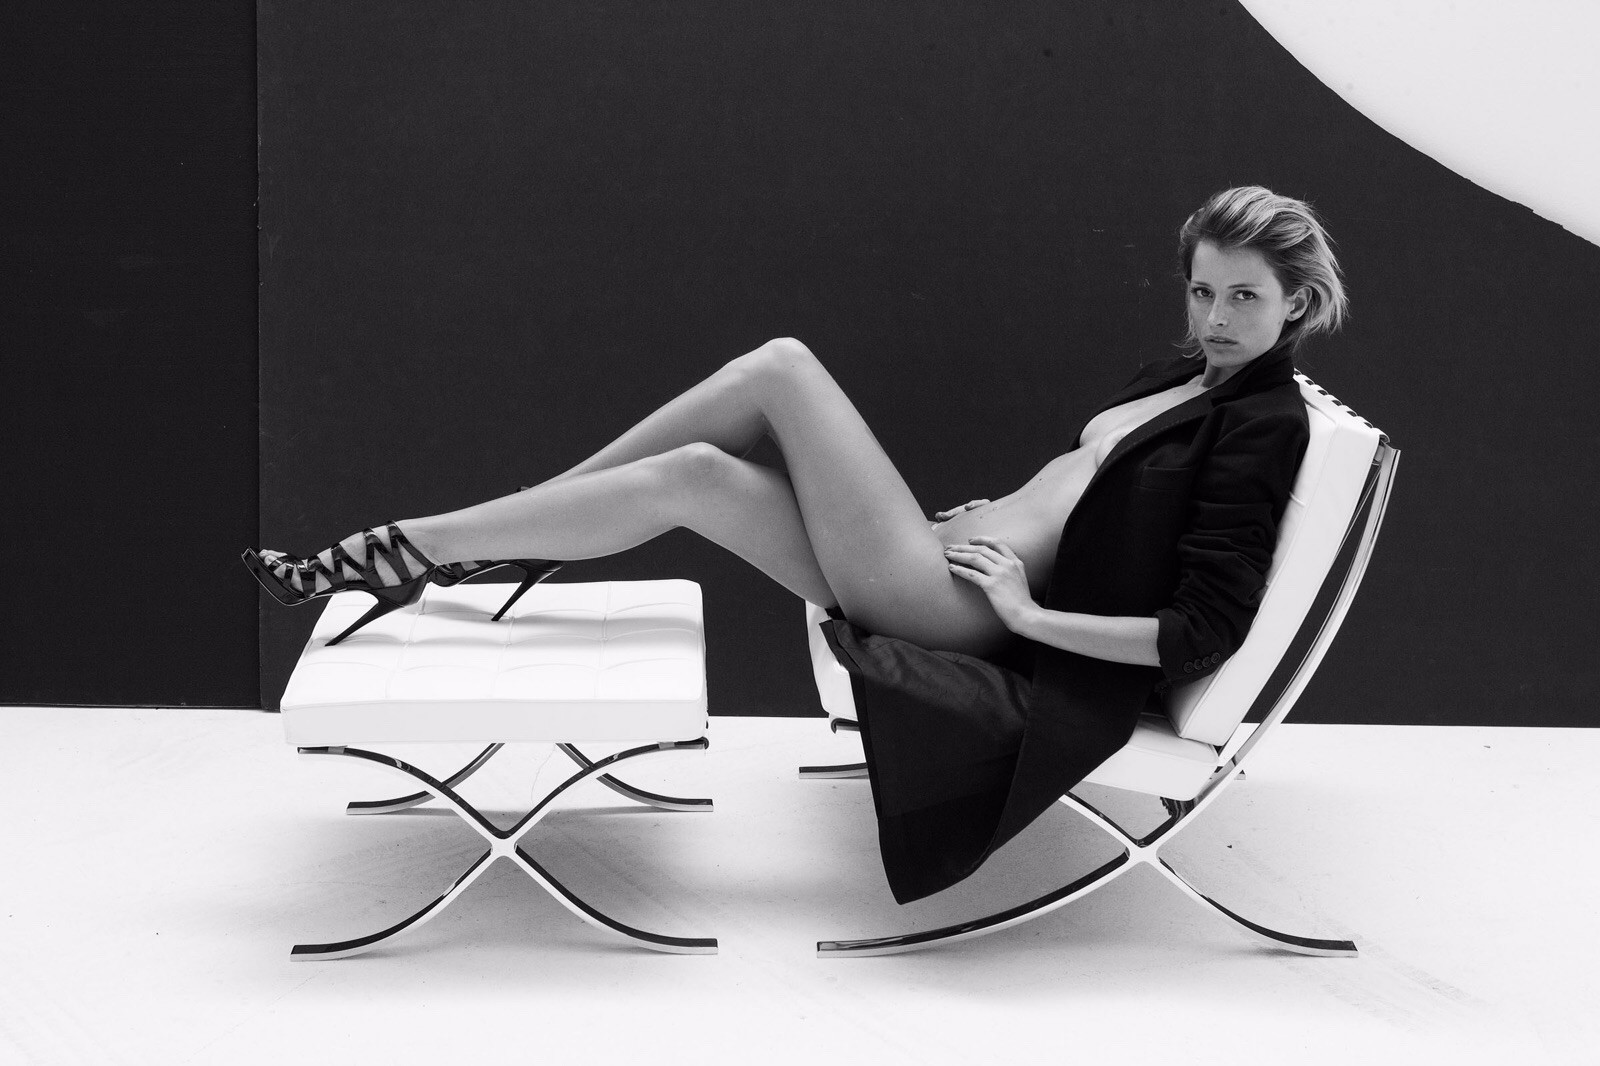 Flavia já trabalhou para Chanel, Miu Miu e Louis Vuitton (Foto: Divulgação)